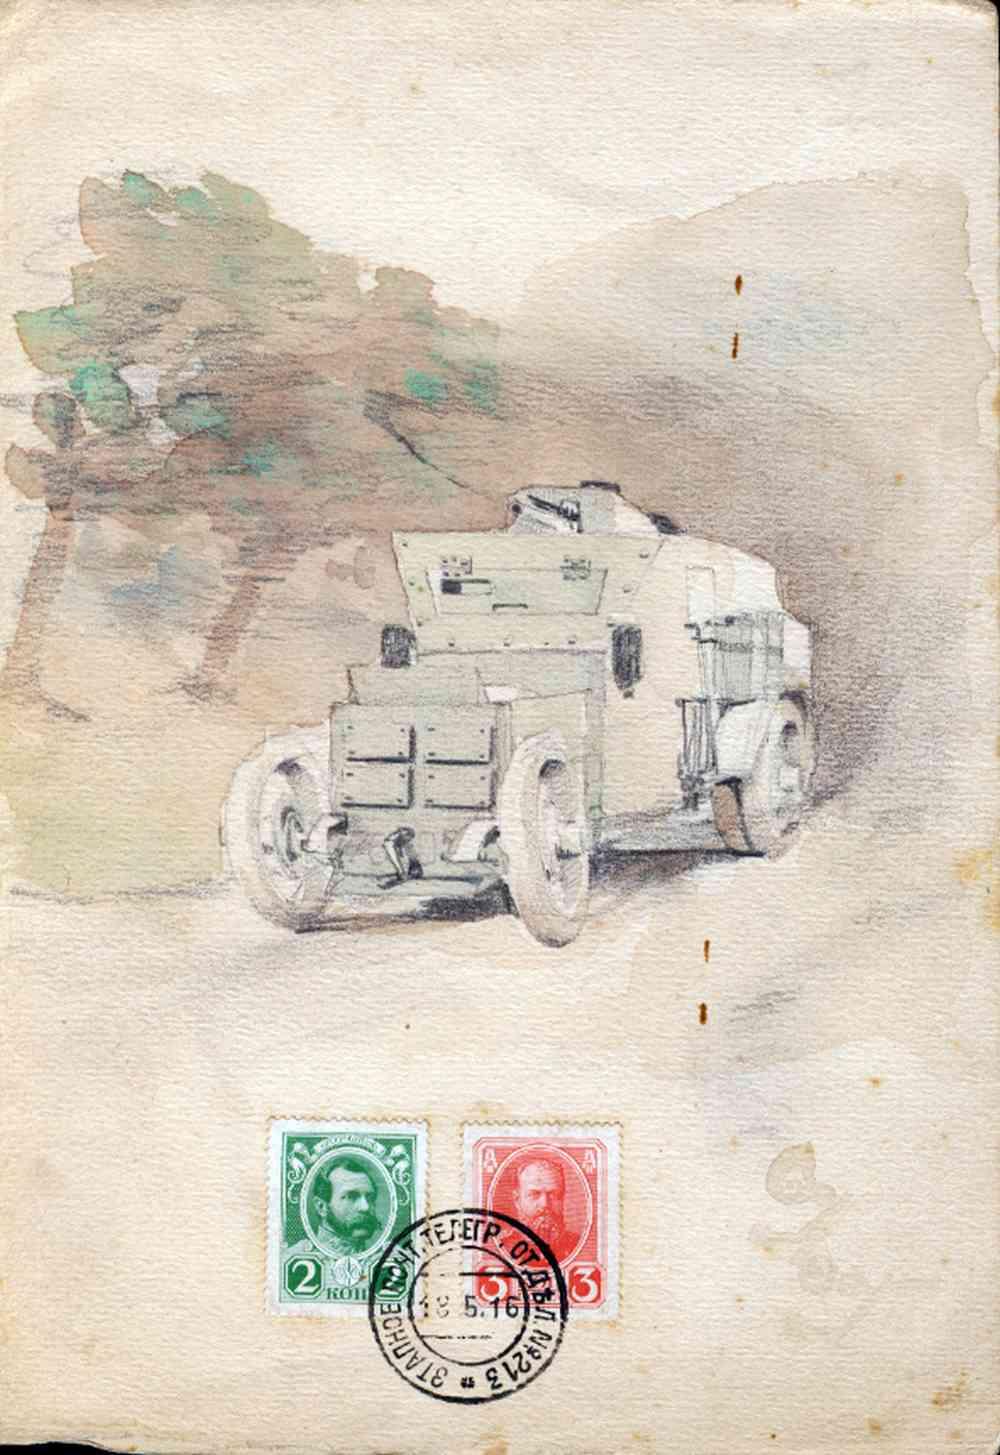 Auto canon064